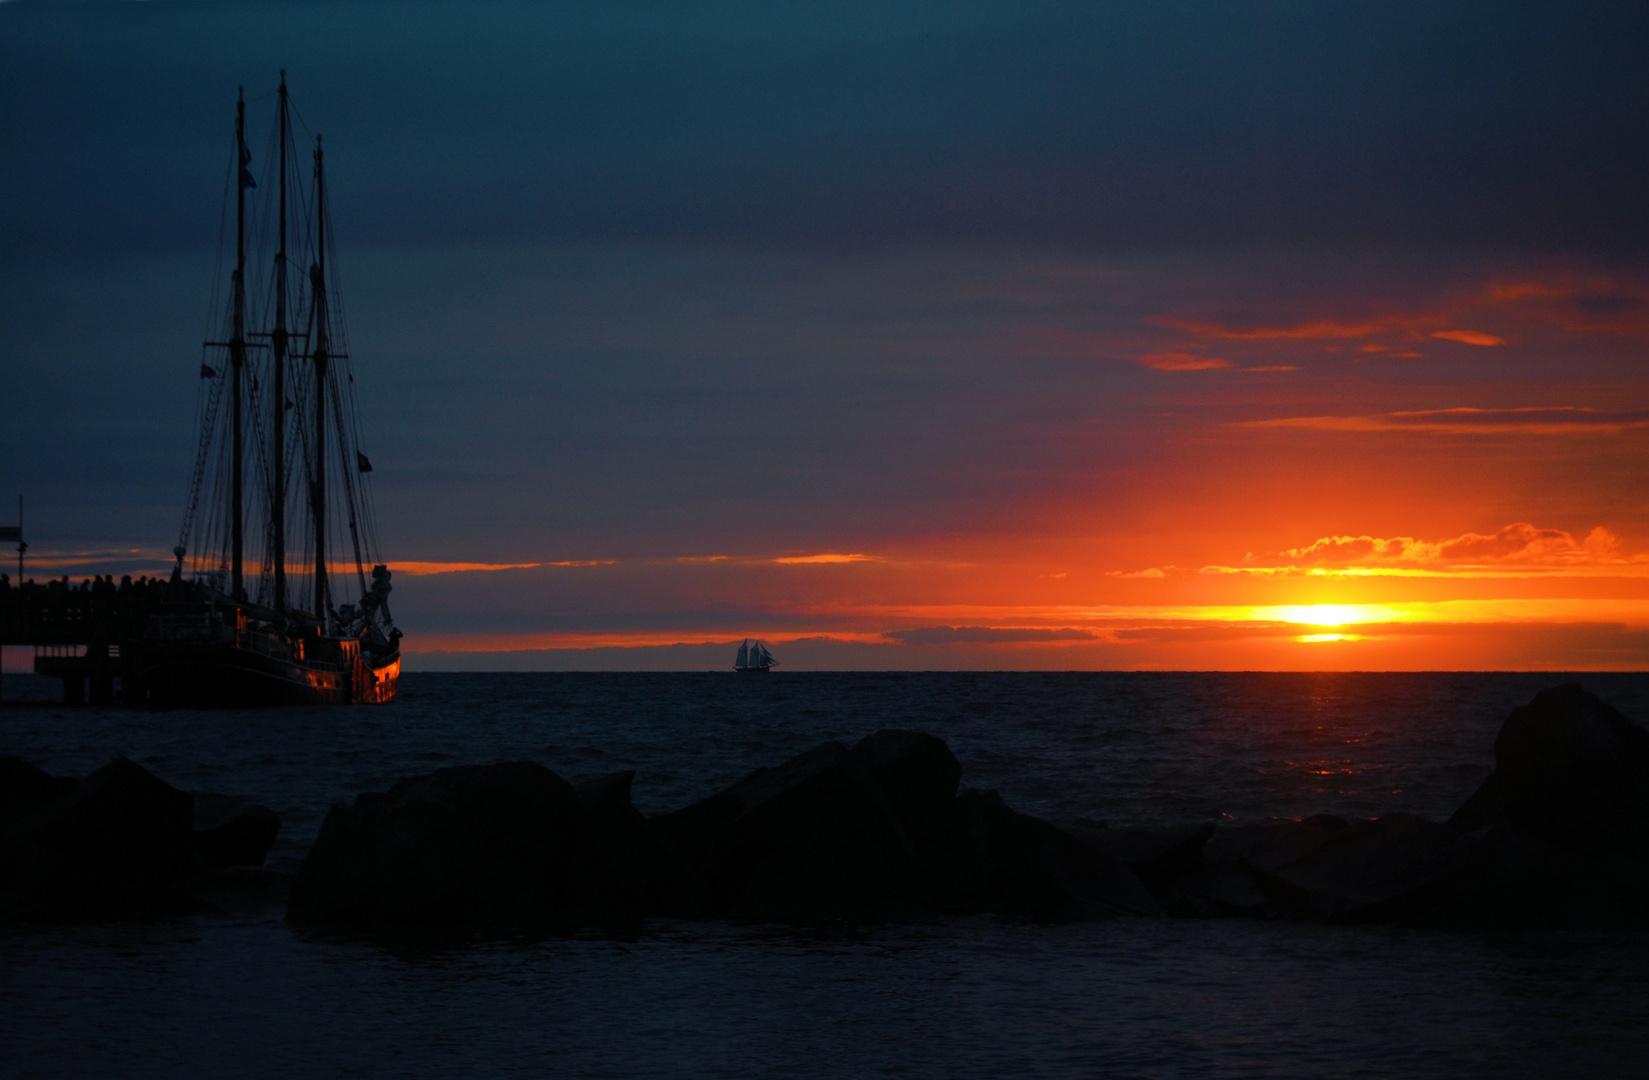 Sonnenuntergang mit Segelschiff